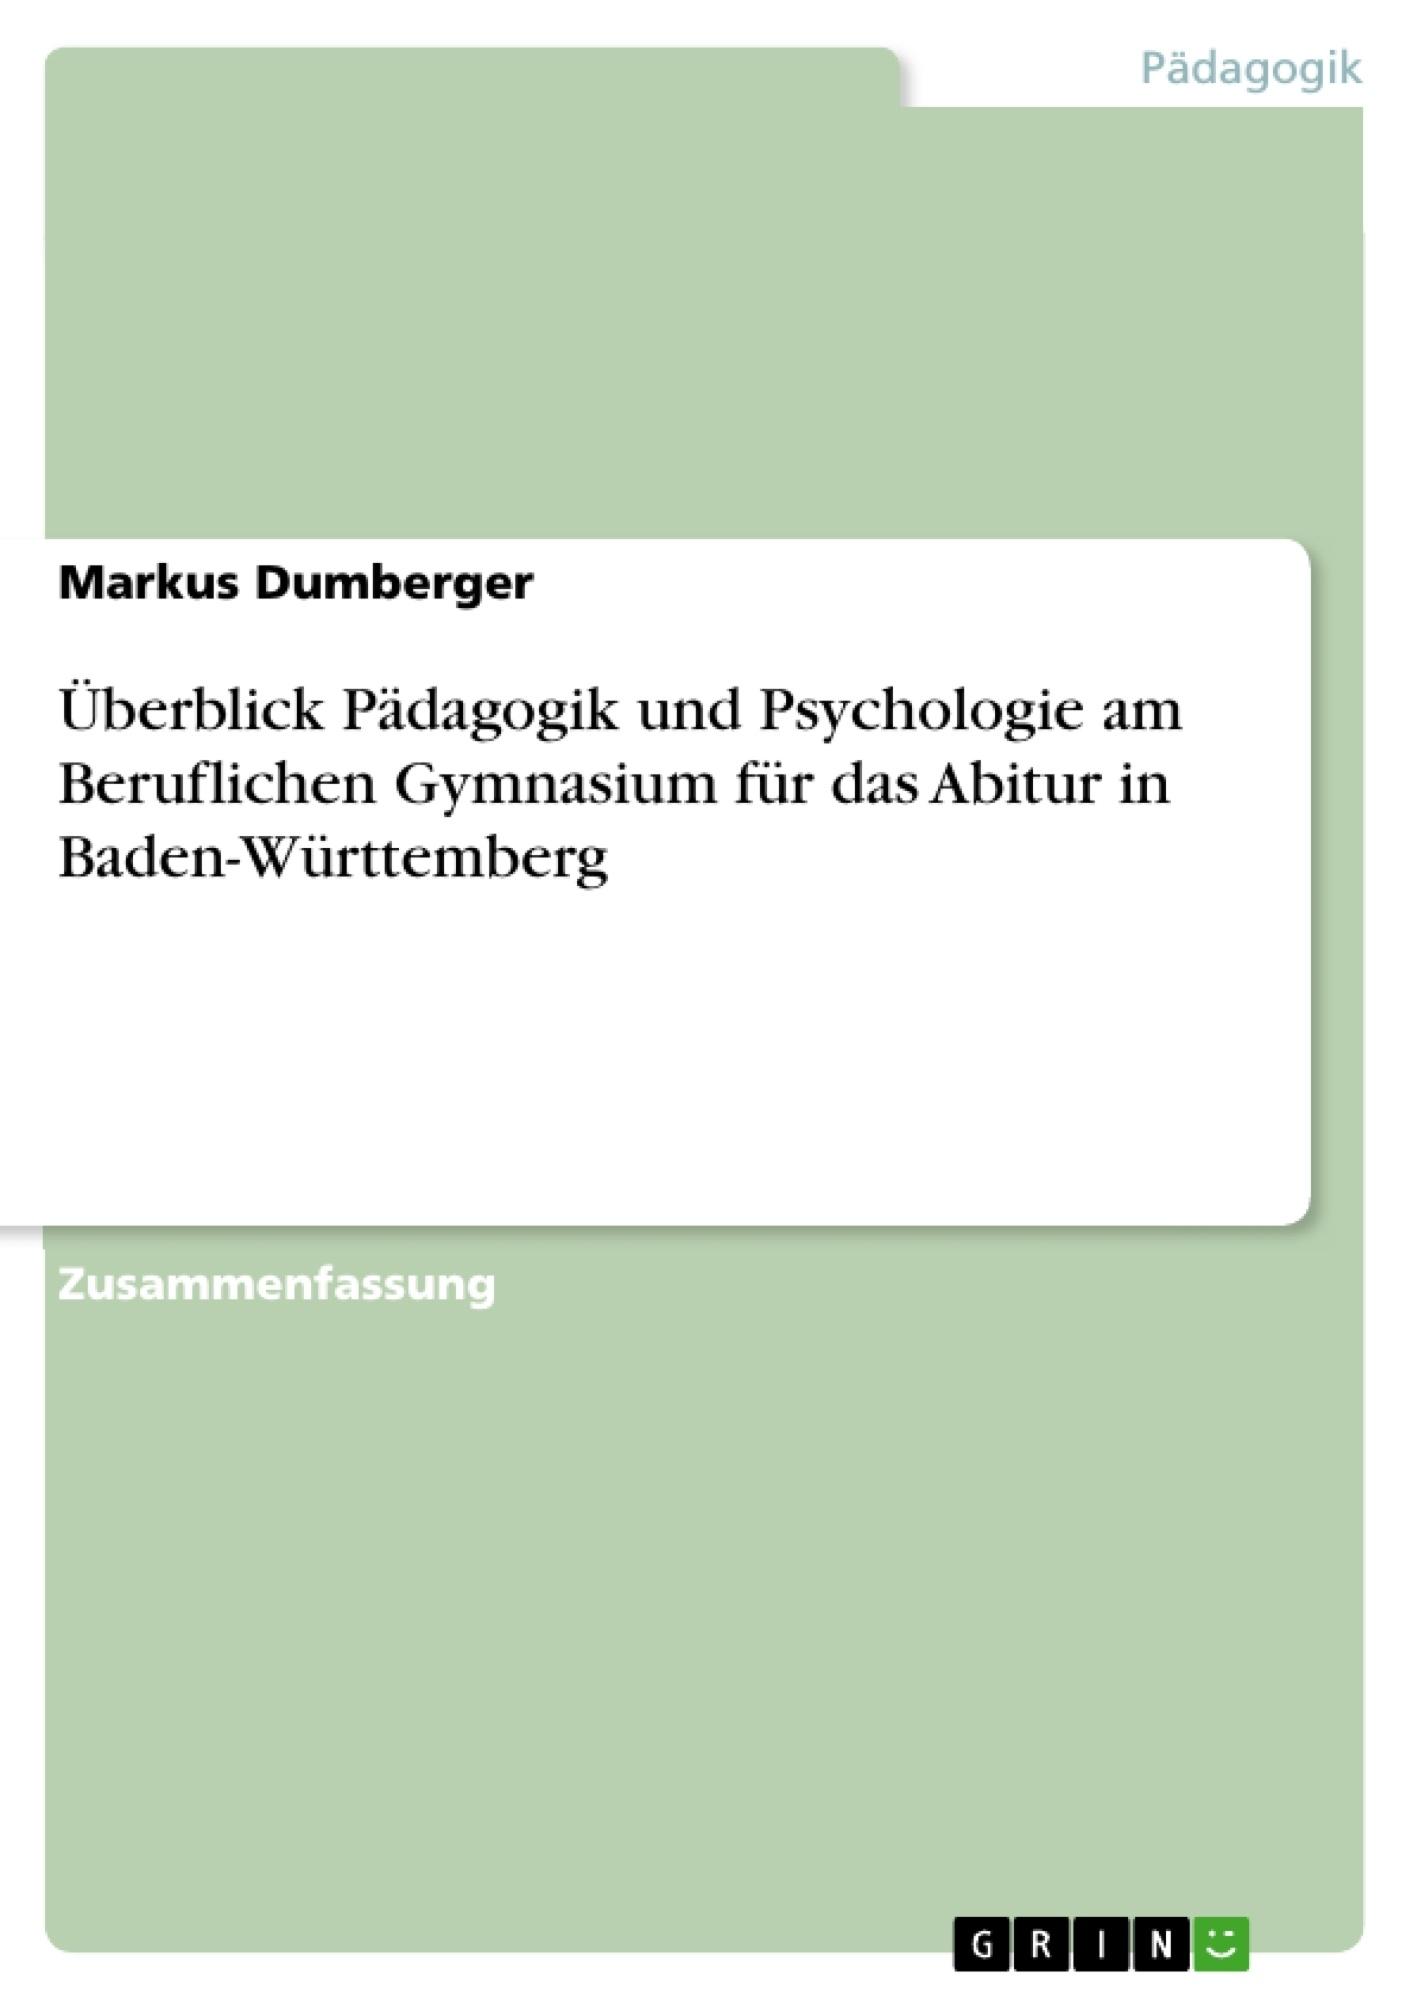 Titel: Überblick Pädagogik und Psychologie am Beruflichen Gymnasium für das Abitur in Baden-Württemberg